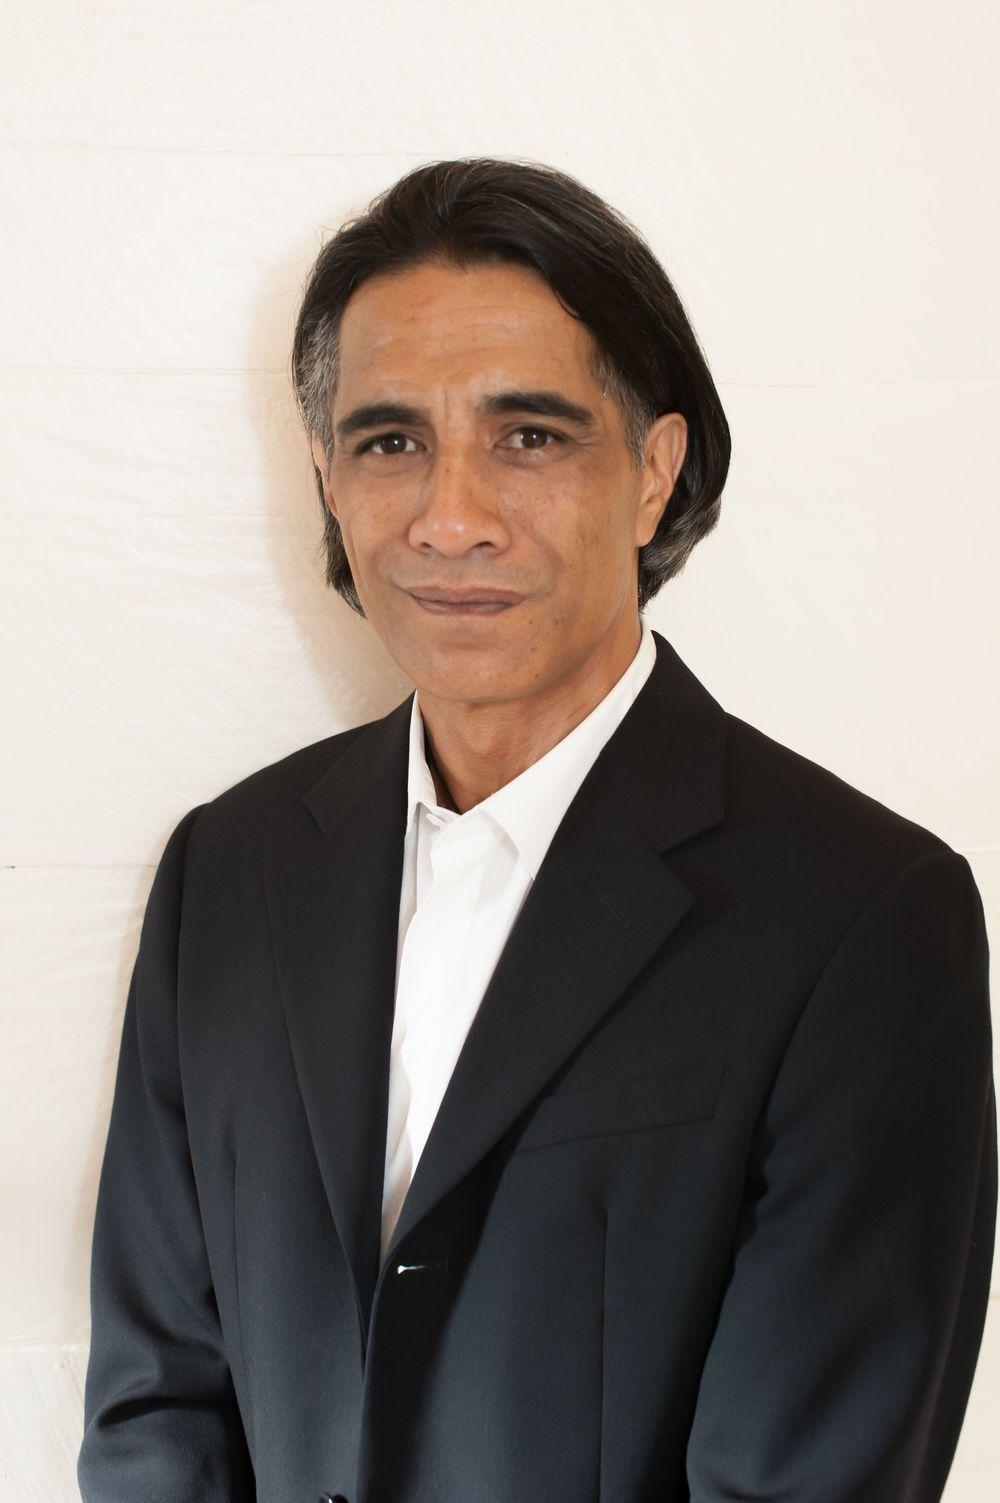 Hohepa Ruhe Director Kotahi Tourism